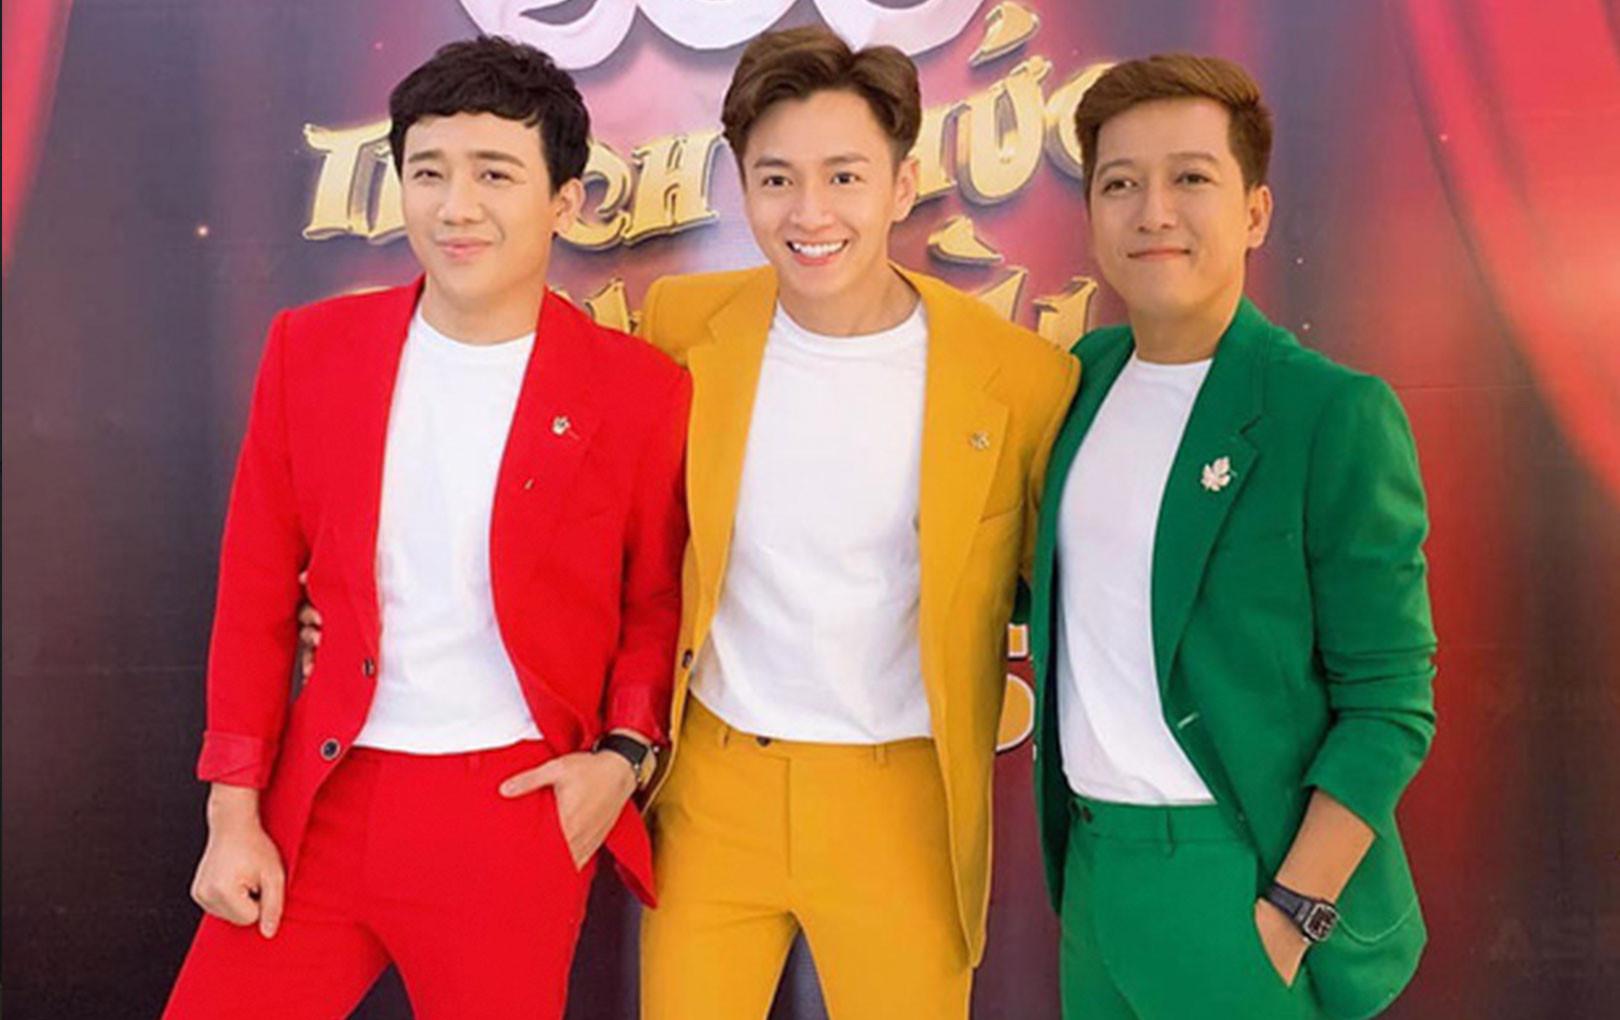 3 gương mặt vàng của làng MC hẹn nhau lên đồ như cột đèn giao thông, Trấn Thành - Ngô Kiến Huy - Trường Giang khiến Nhã Phương phải than trời!